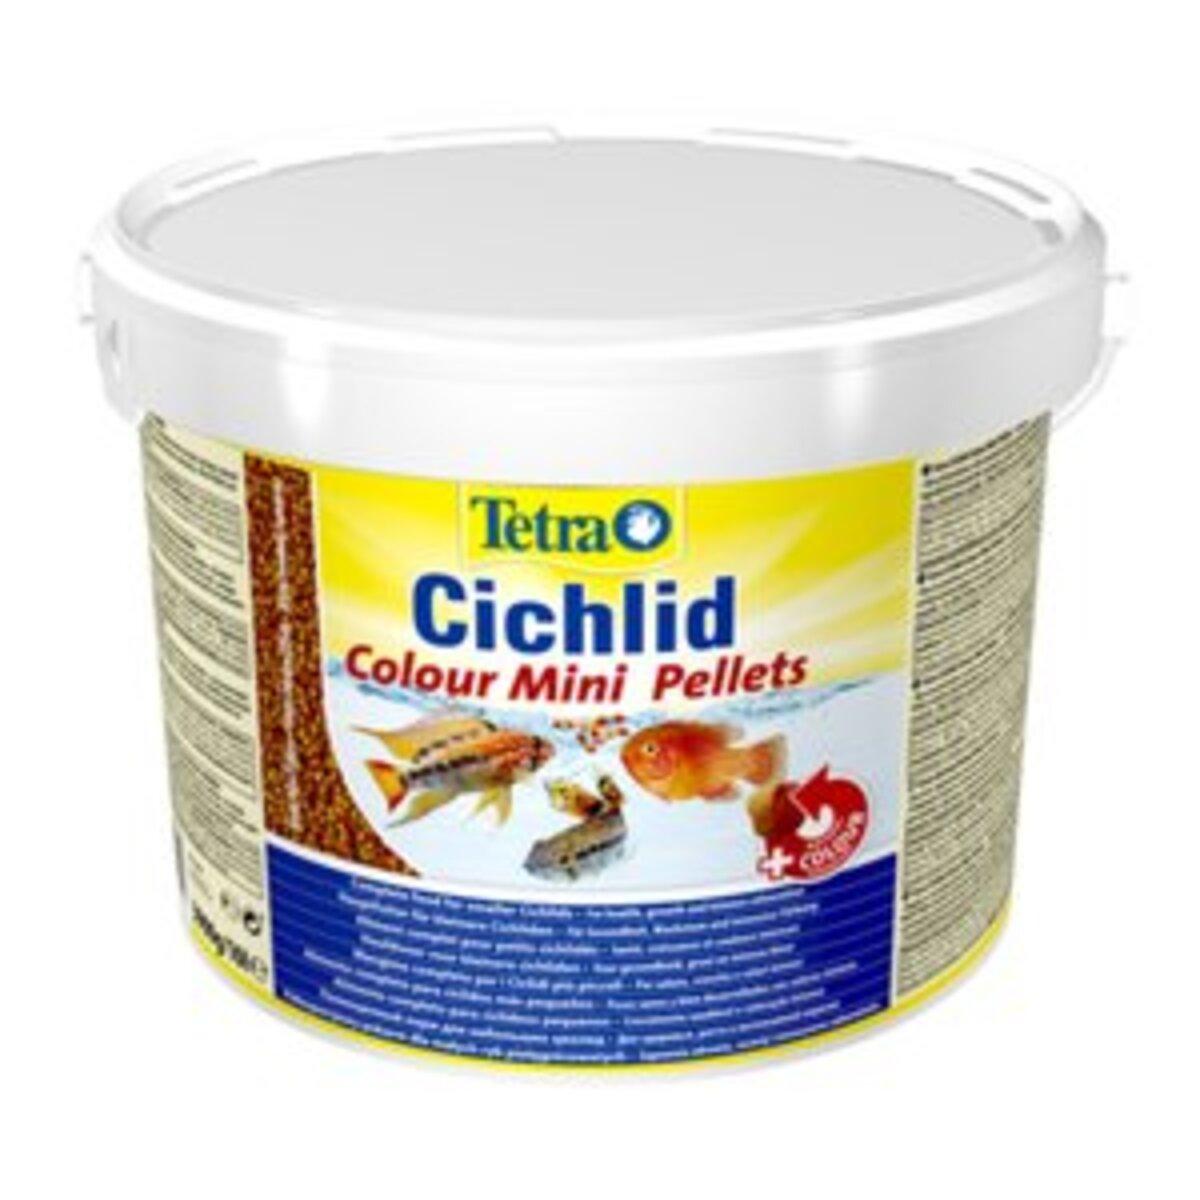 Bild 3 von TETRA Cichlid Colour Mini 10L